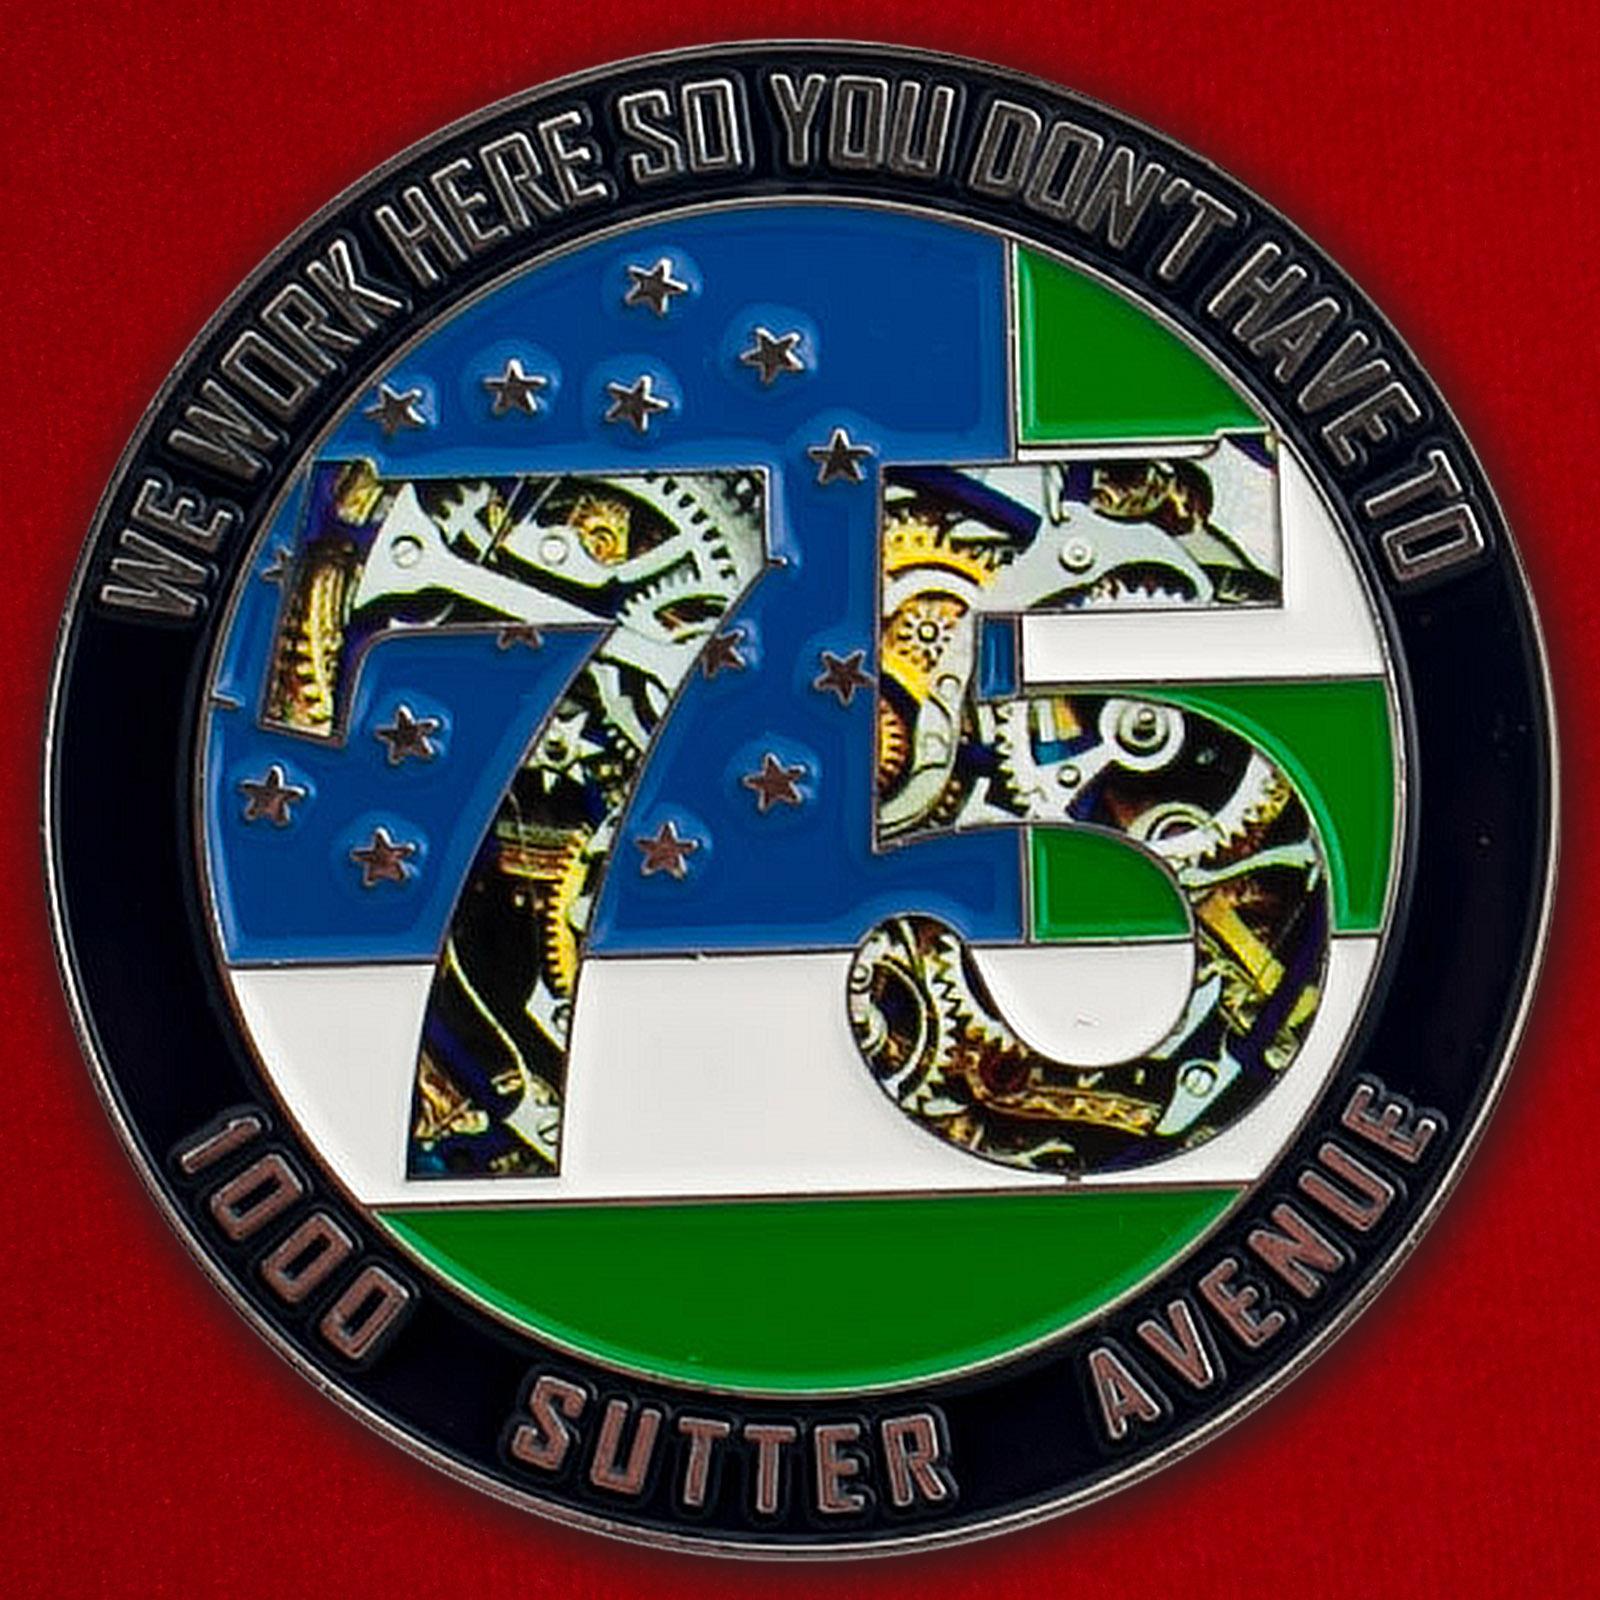 Челлендж коин сотрудников 75-го участка Управления полиции Нью-Йорка